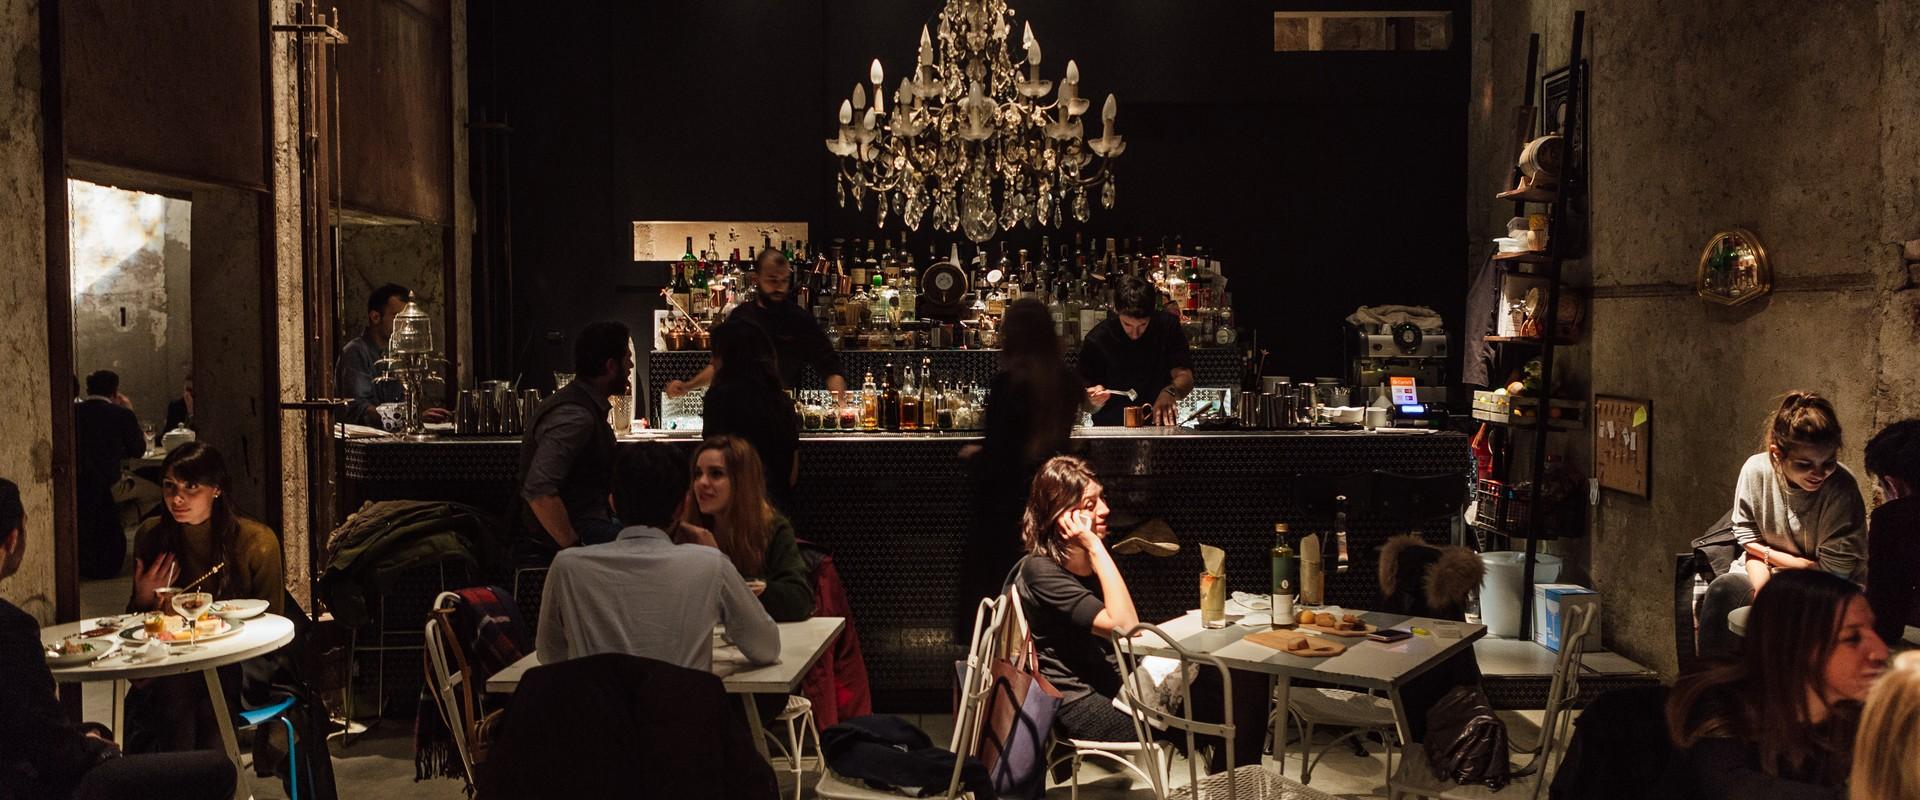 Arredo banco Bar Cracco Milano Cerloe Camilla in Segheria Emmelle Arredamenti